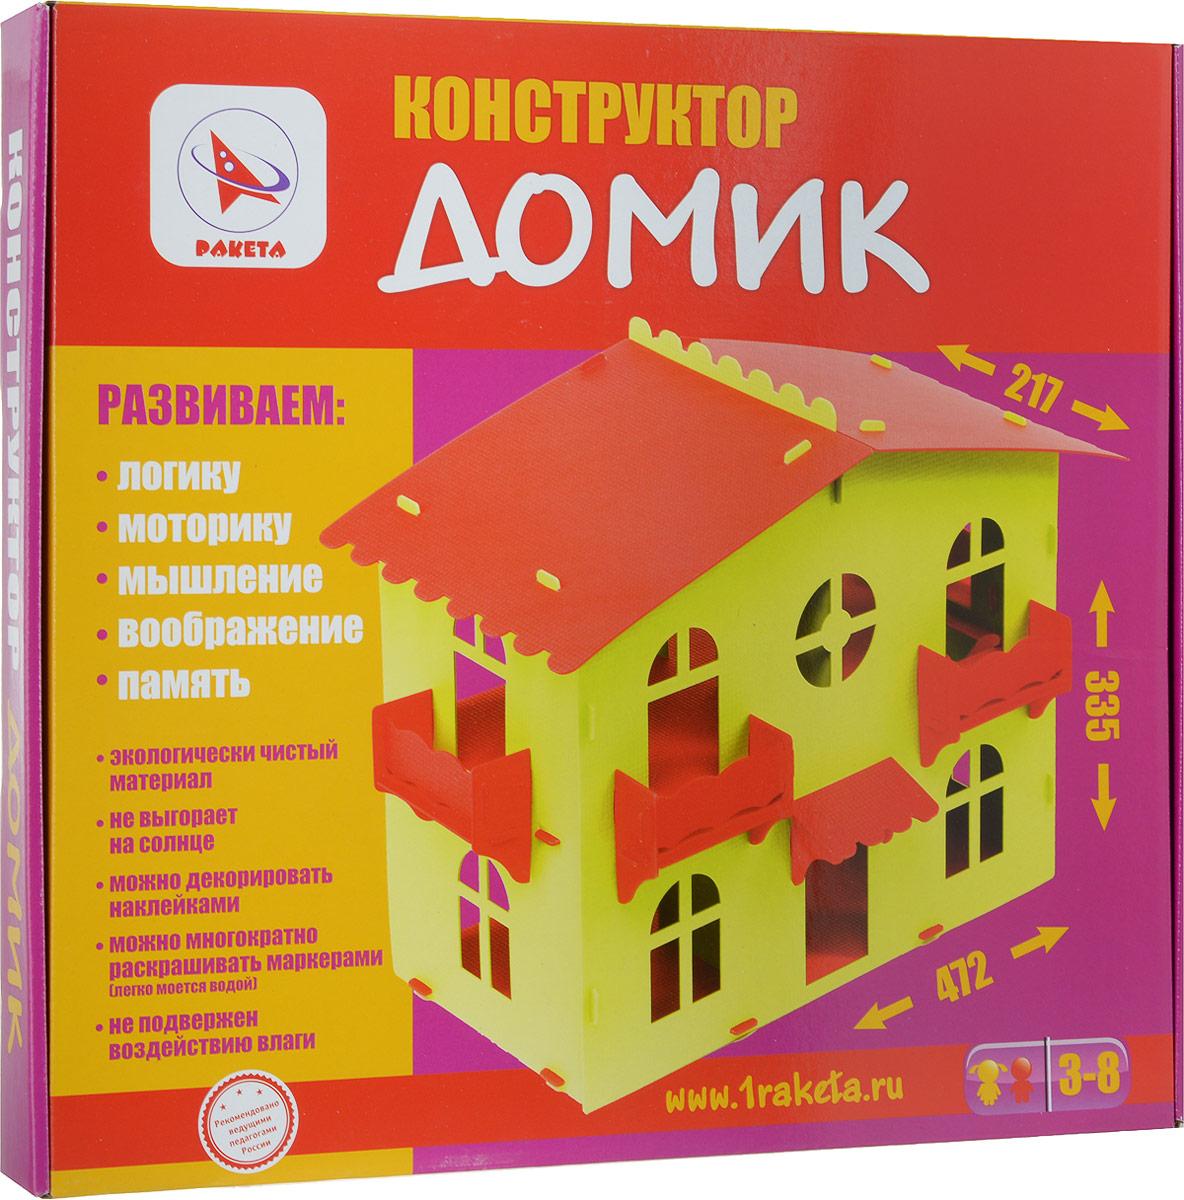 Ракета Конструктор Домик 1 конструктор деревянный домик с сюрпризом